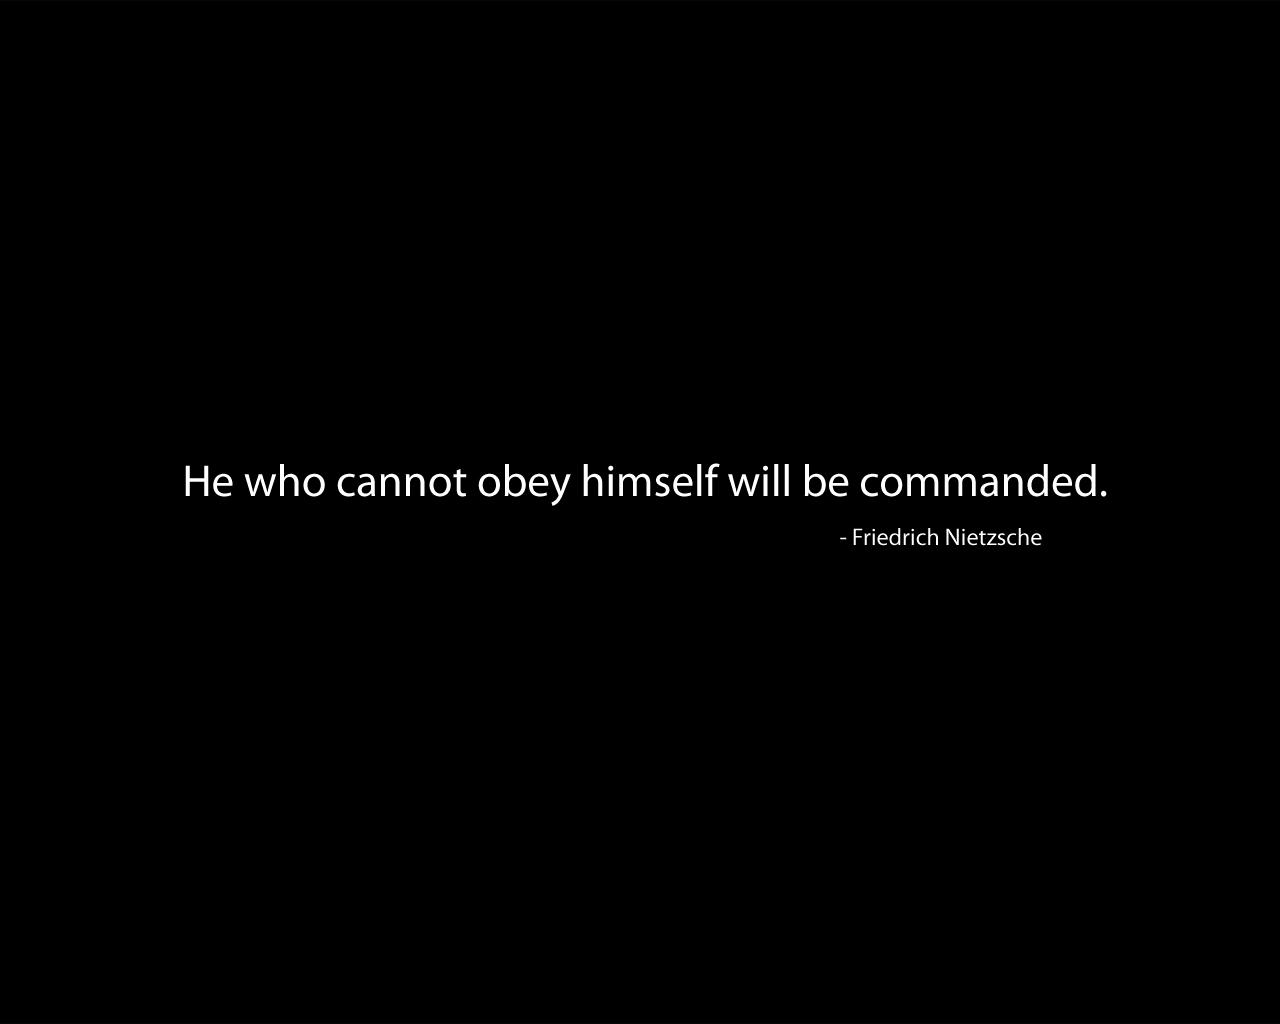 Friedrich Nietzsche's quote #2